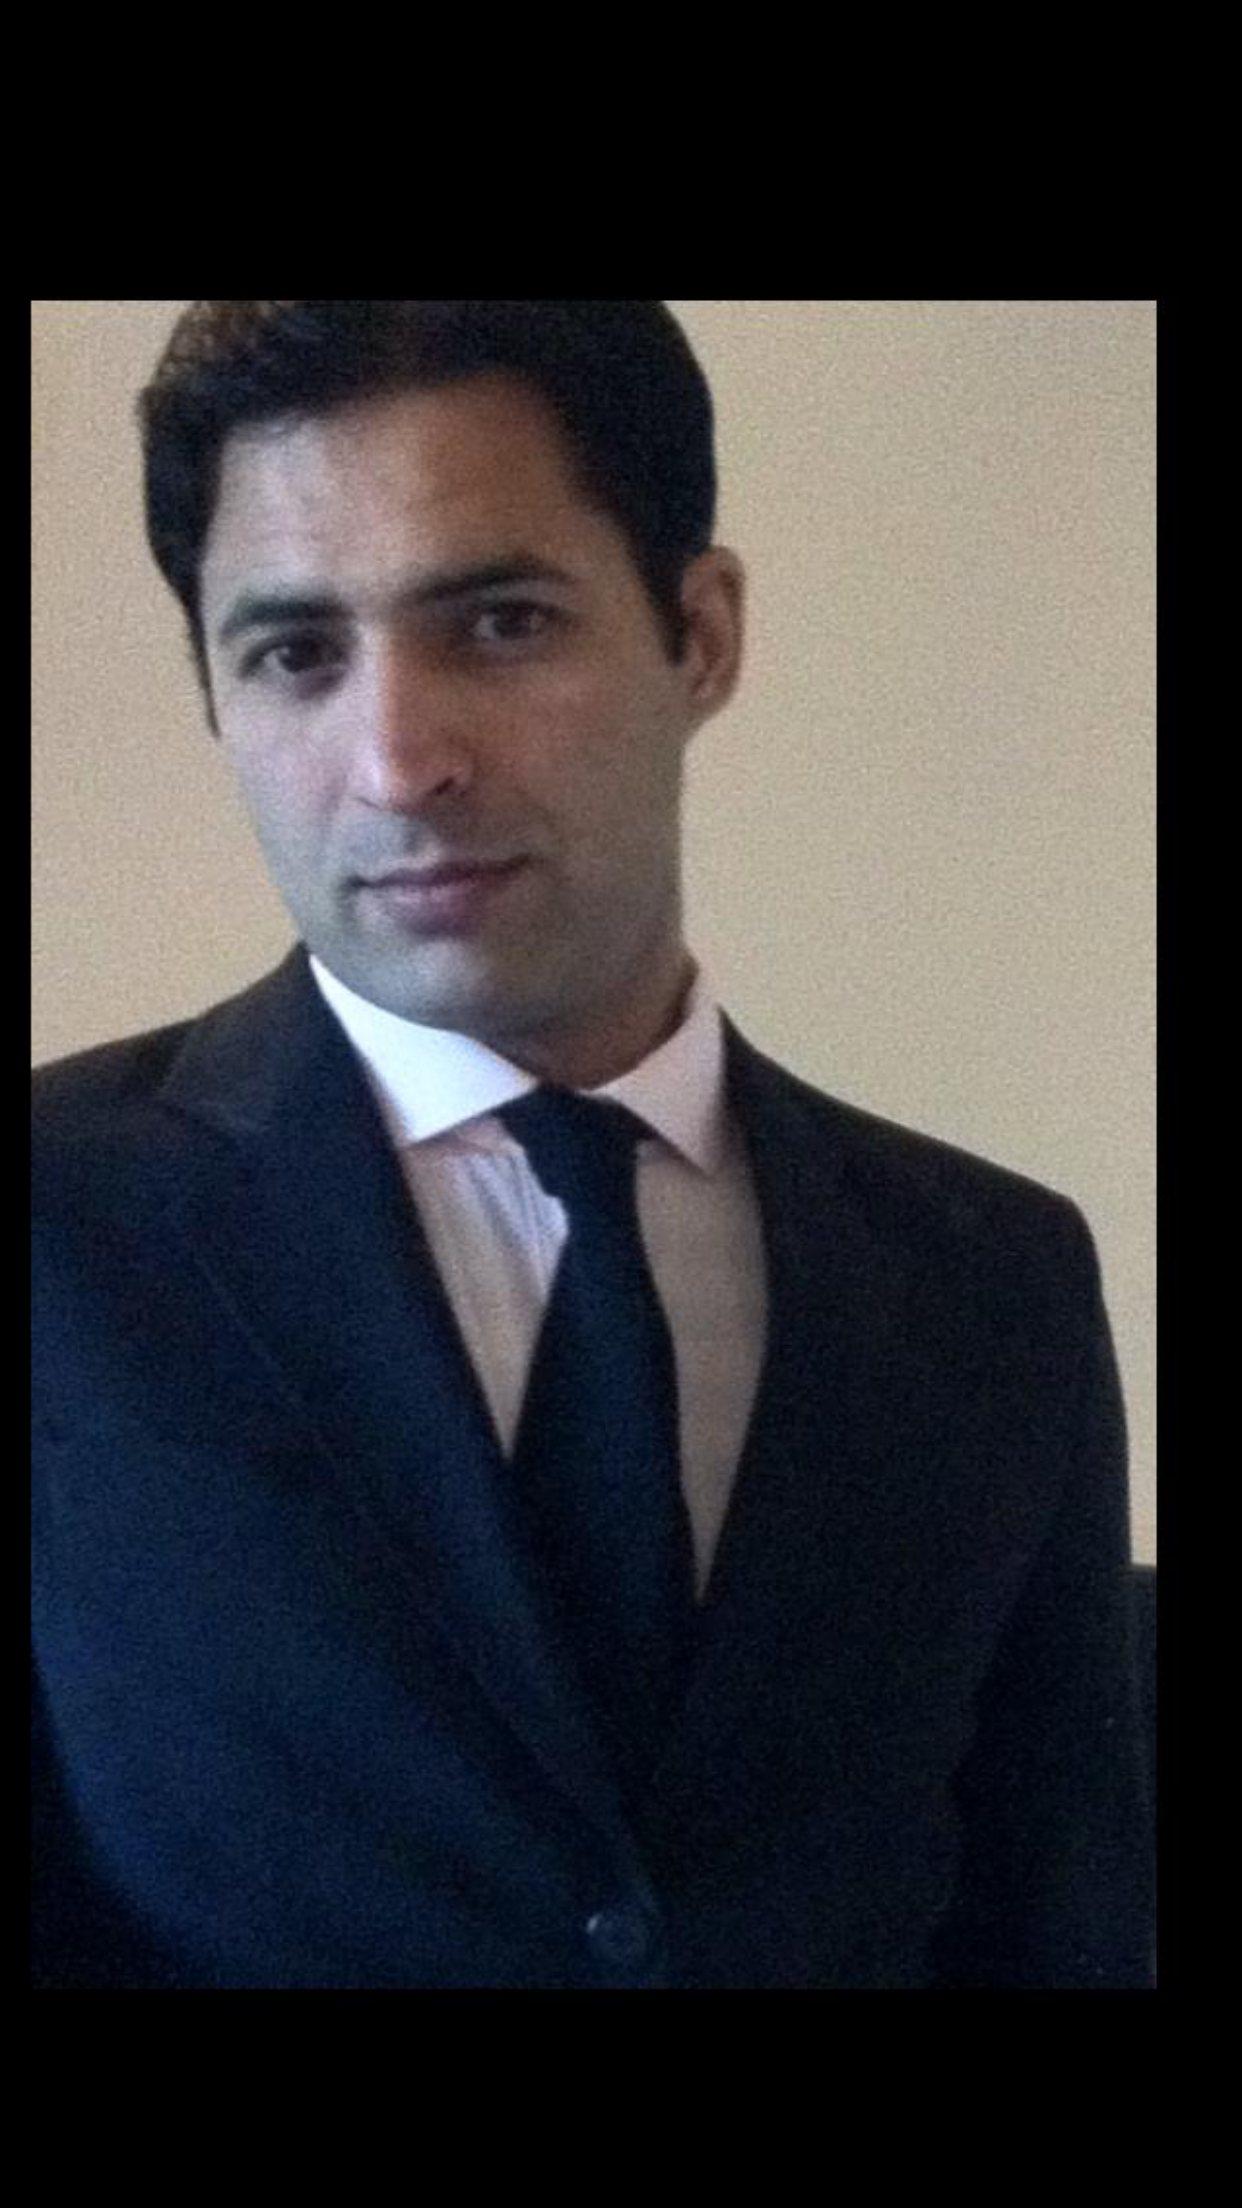 Mubashar Awan